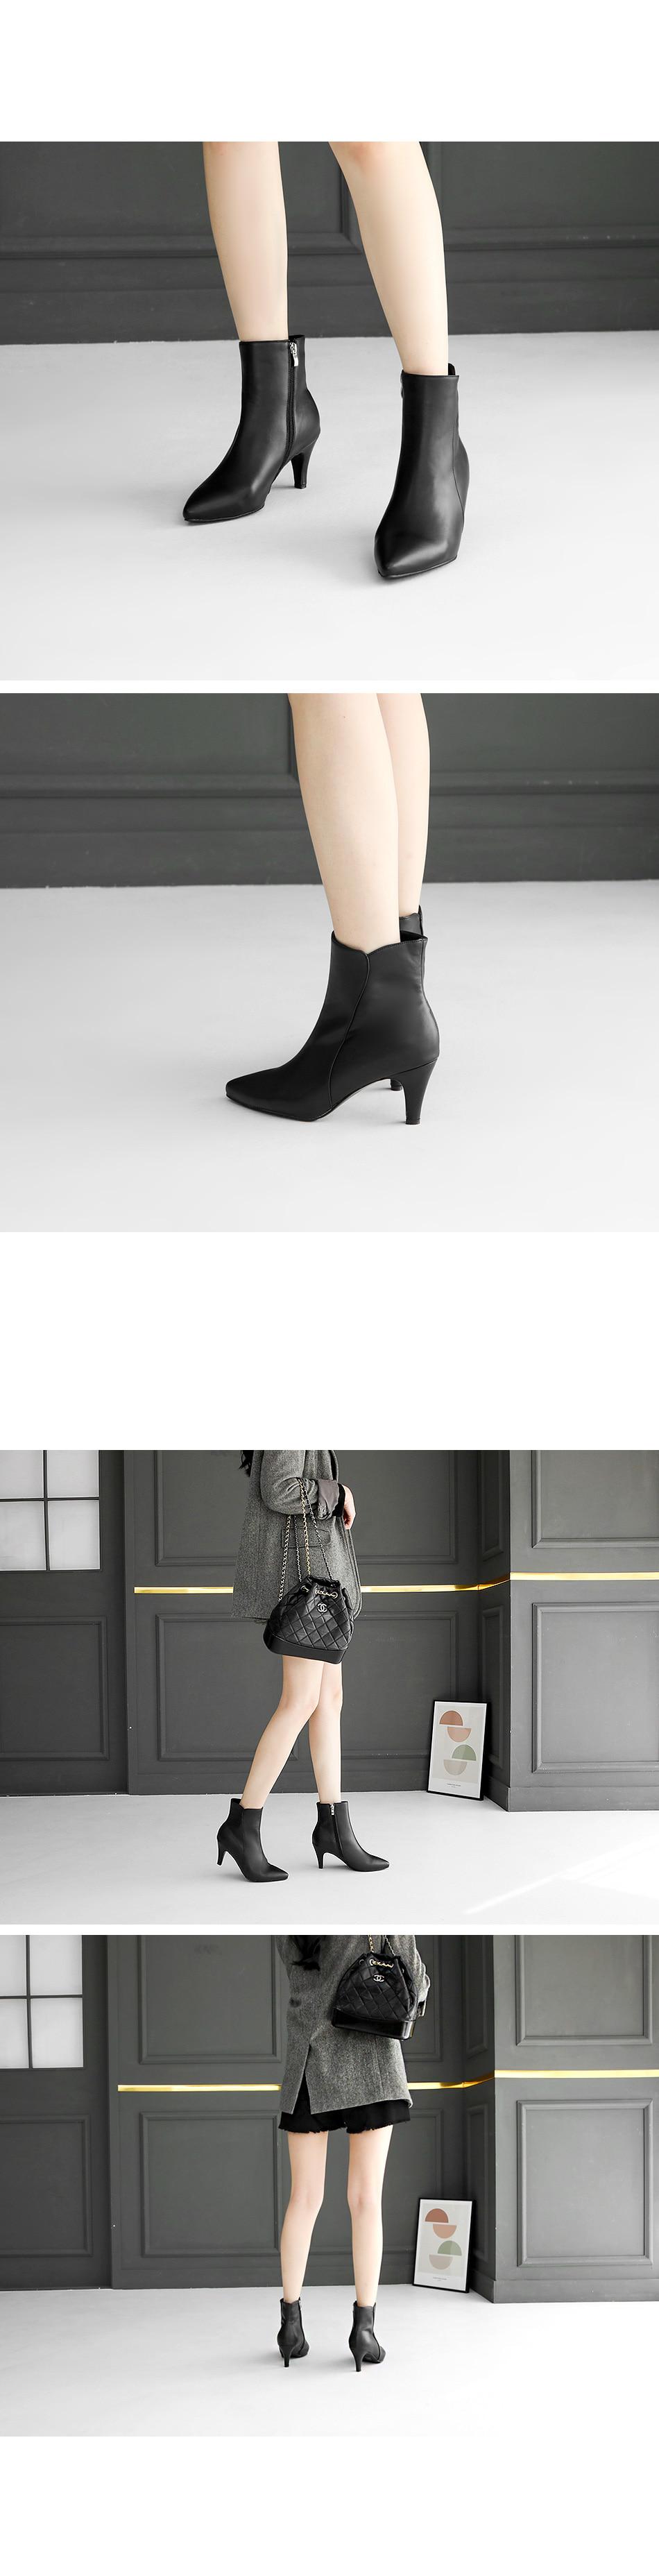 D'Etsu ankle boots 7cm